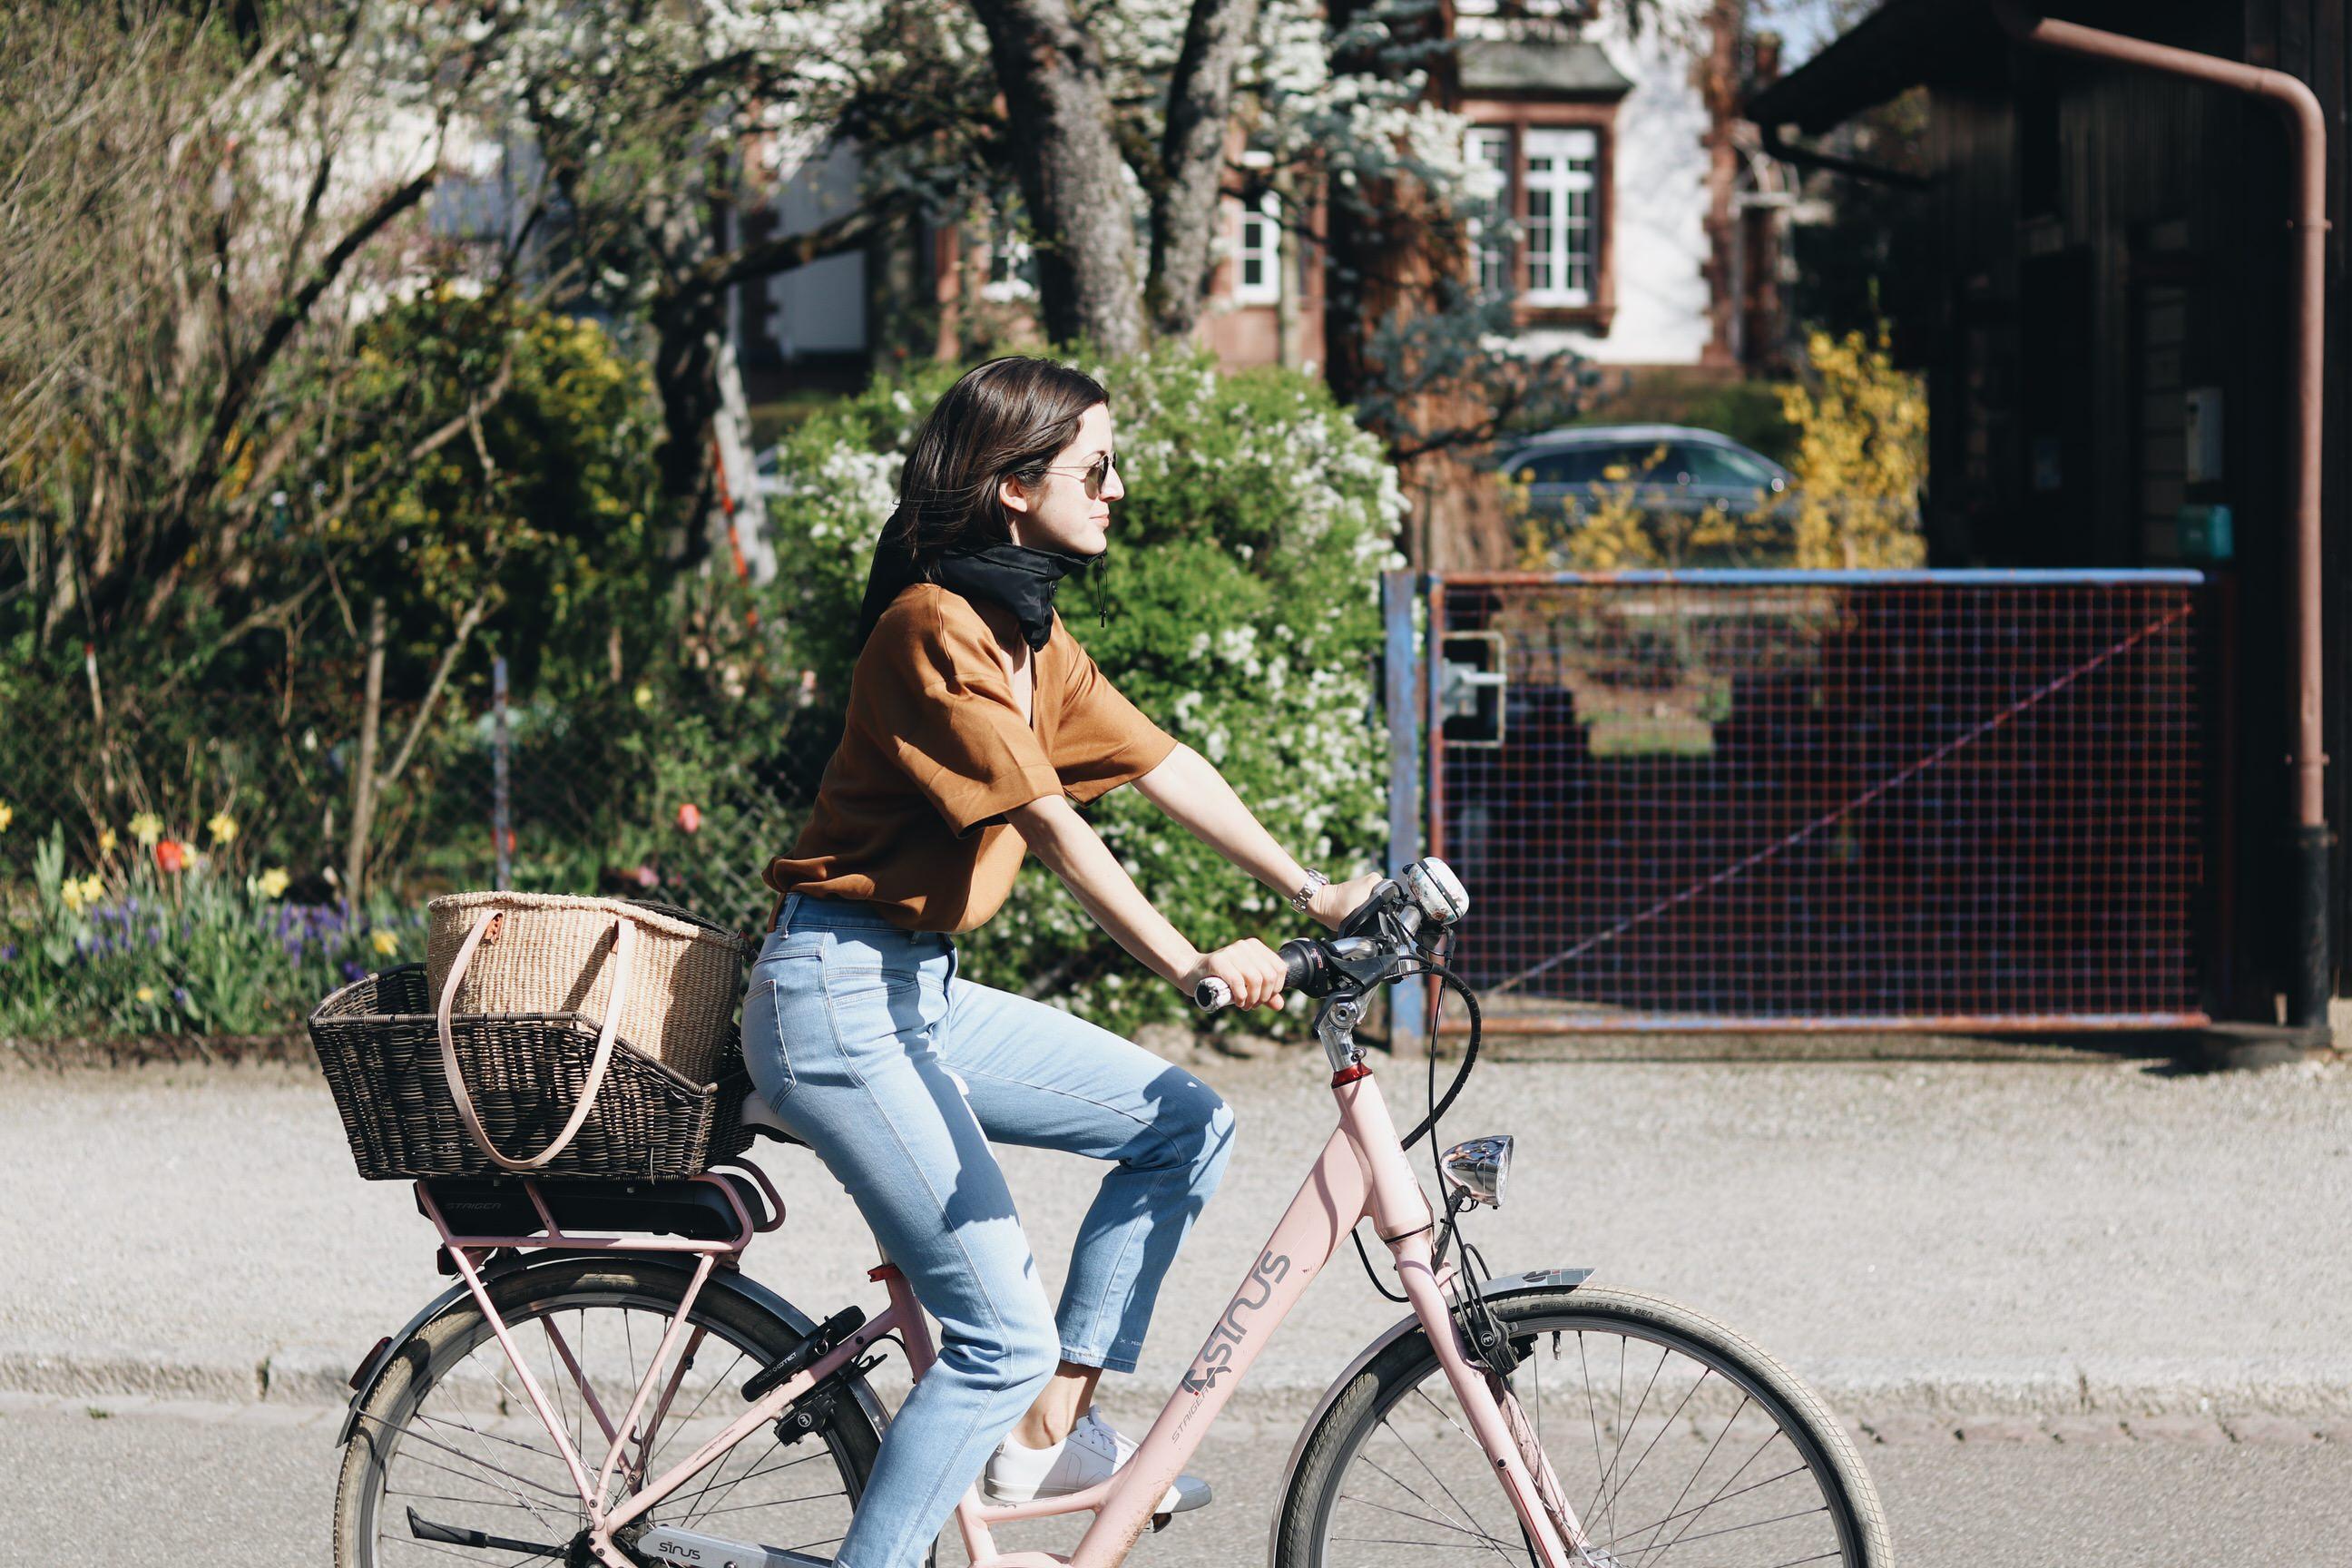 Hövding Fahrradirbag blog Modebloggerin